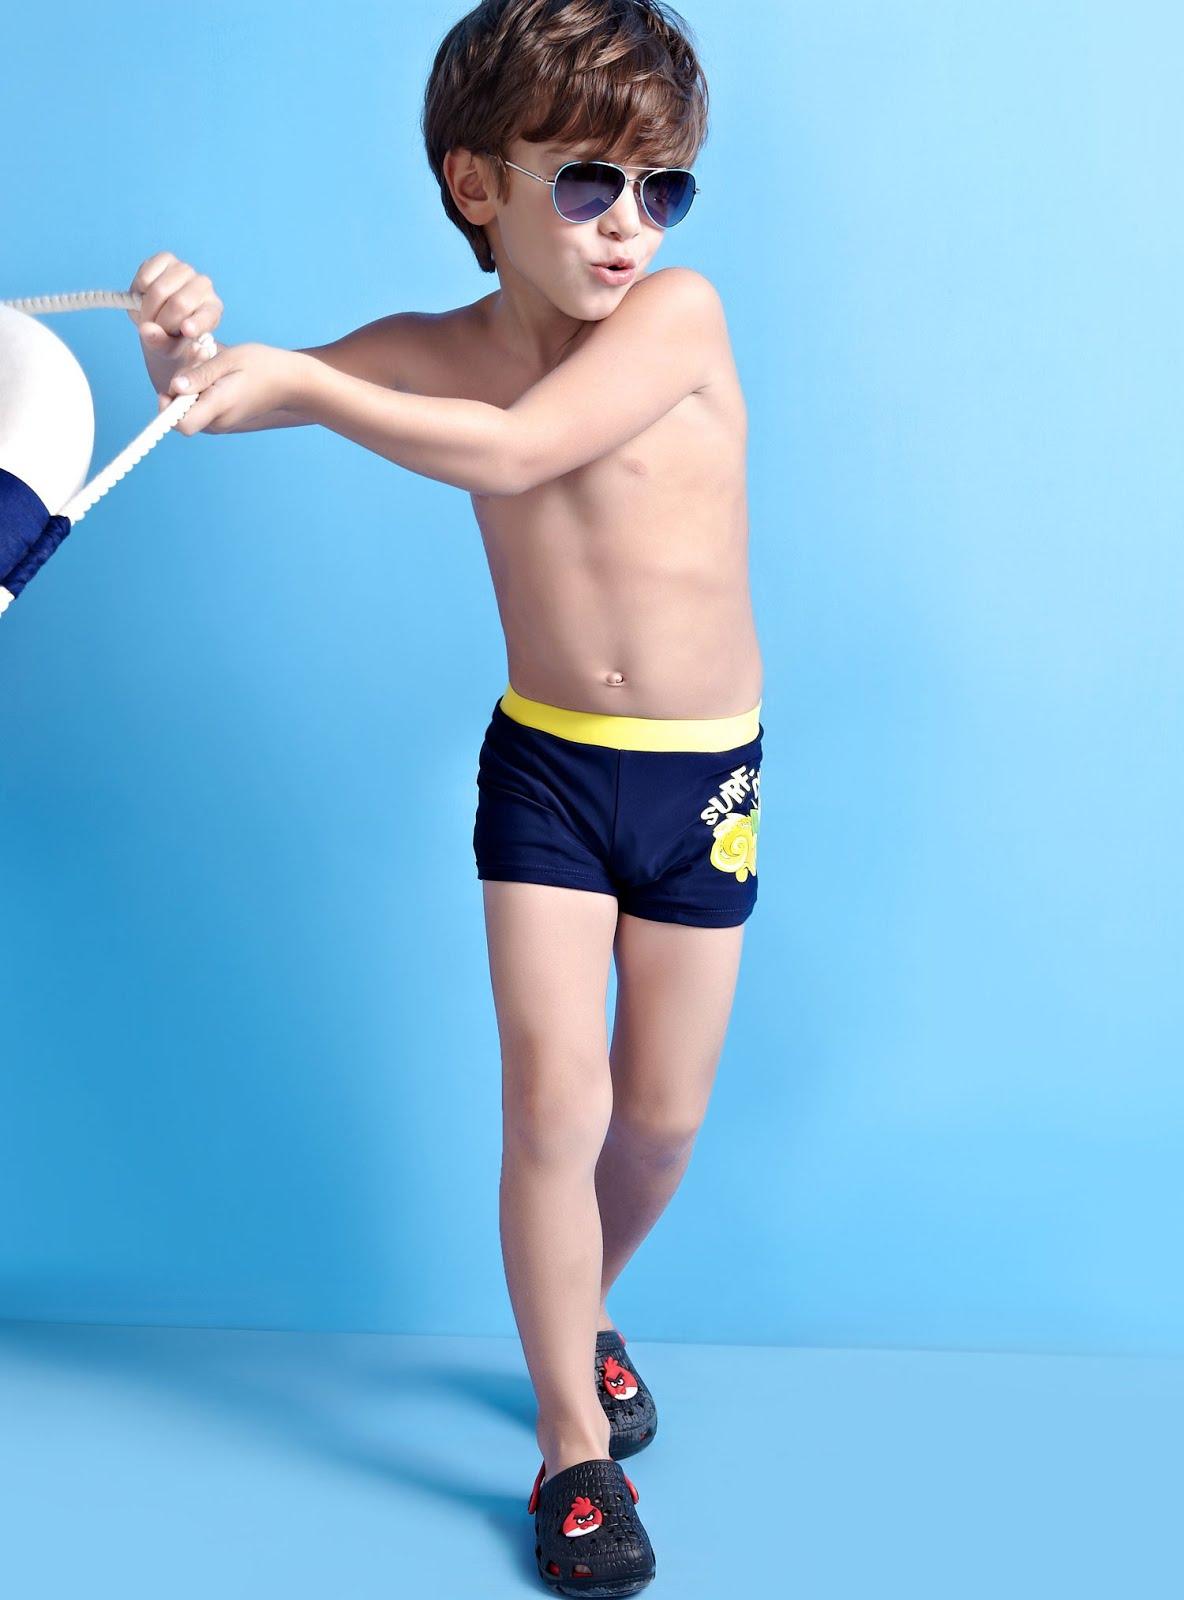 Lenceria De Baño Para Ninos:los elásticos que algunos trajes de baño para niños llevan